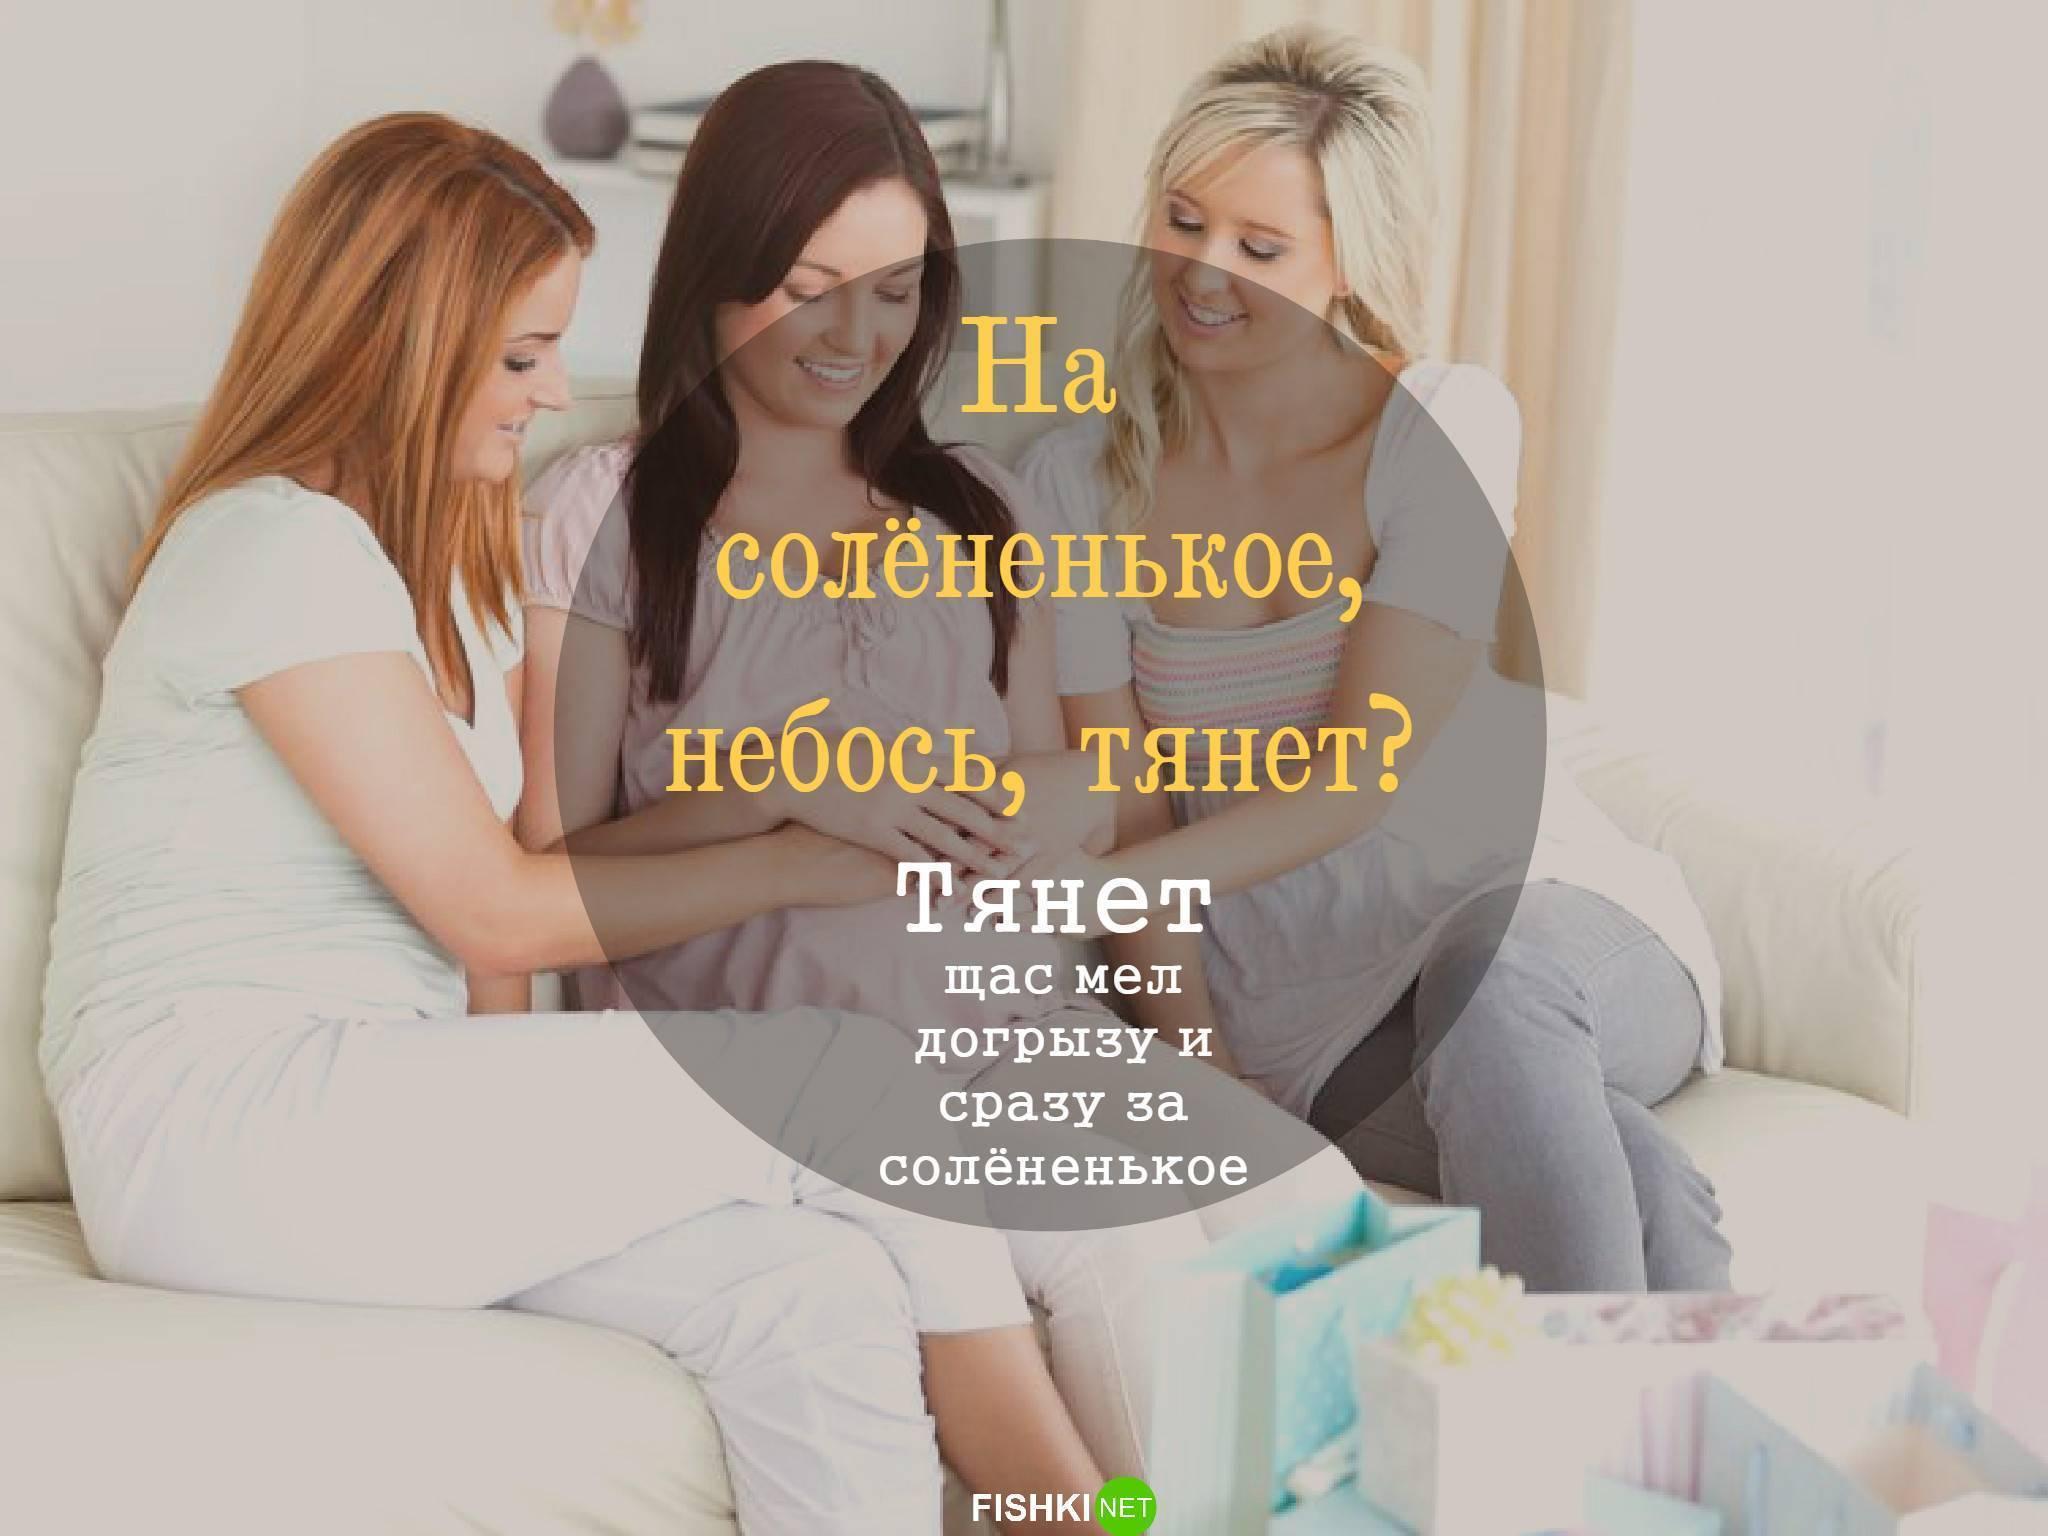 Что нельзя говорить беременной женщине - 20 фраз, которые раздражают больше всего что нельзя говорить беременной женщине - 20 фраз, которые раздражают больше всего